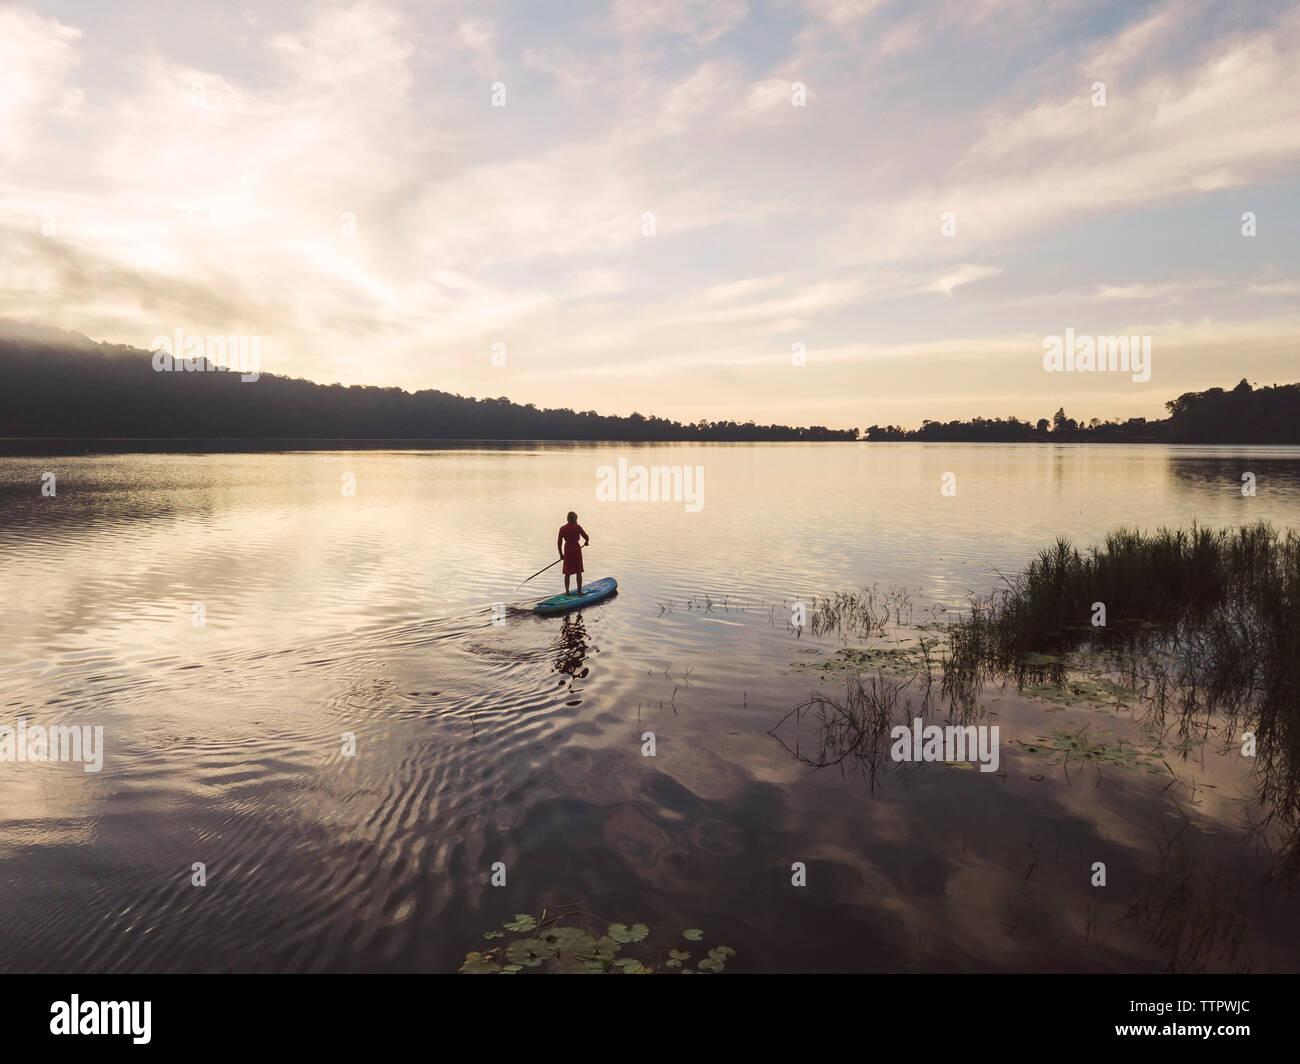 Une femelle paddleboarding sur un lac Banque D'Images